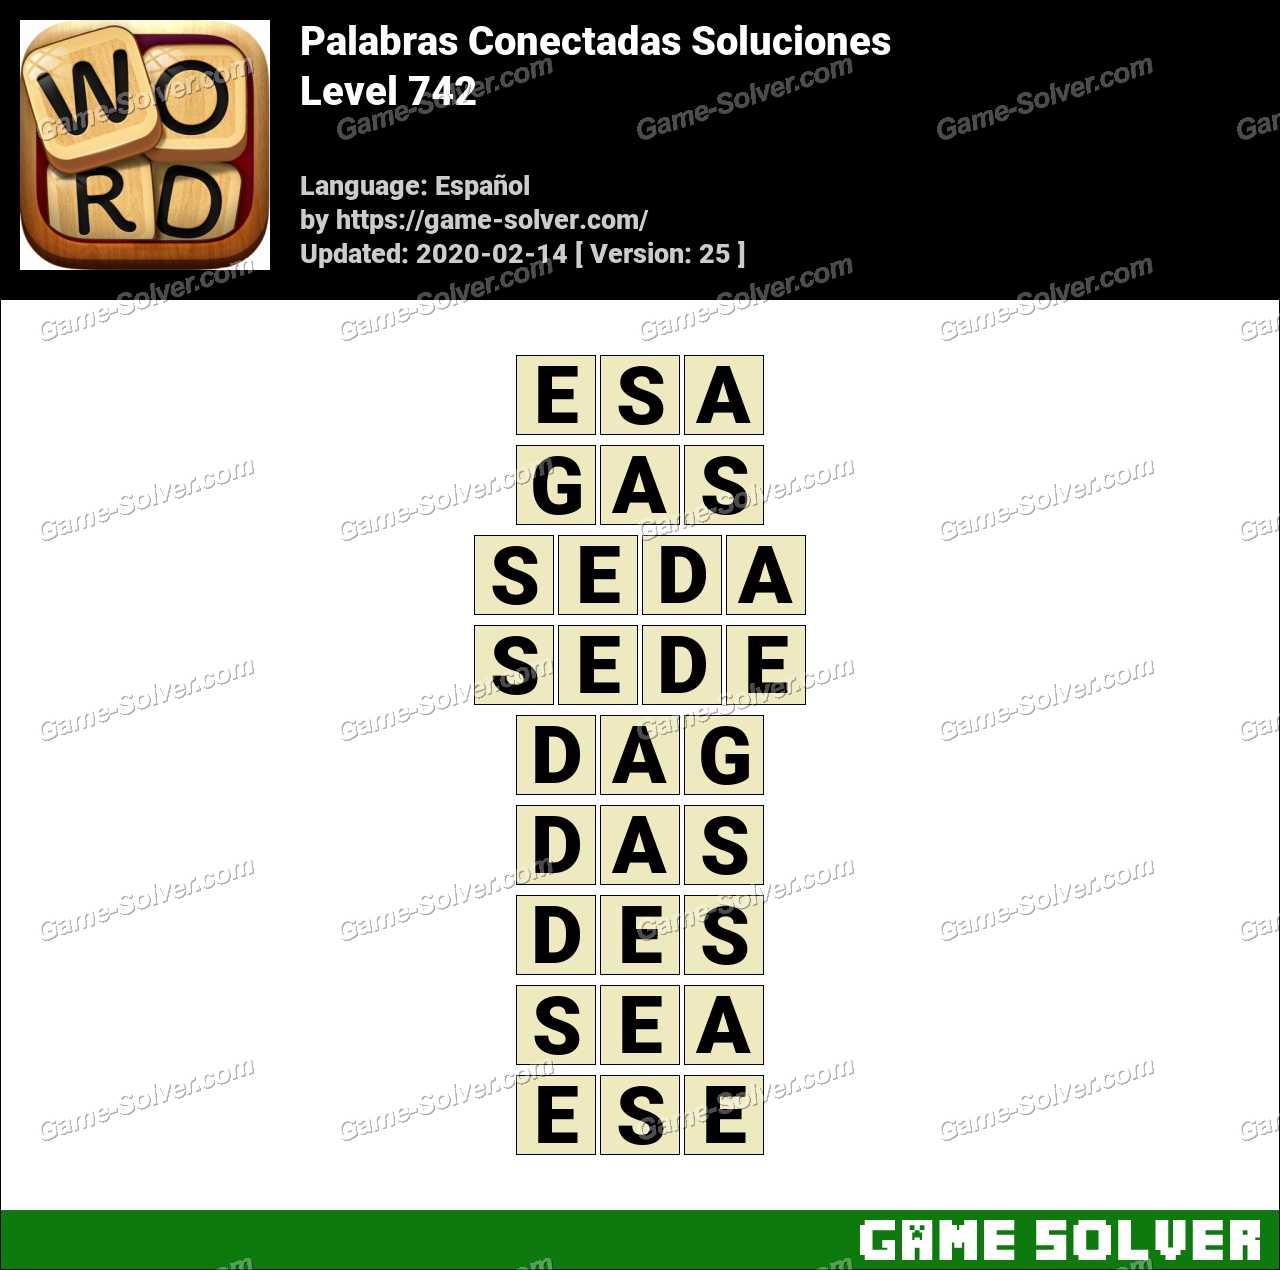 Palabras Conectadas Nivel 742 Soluciones